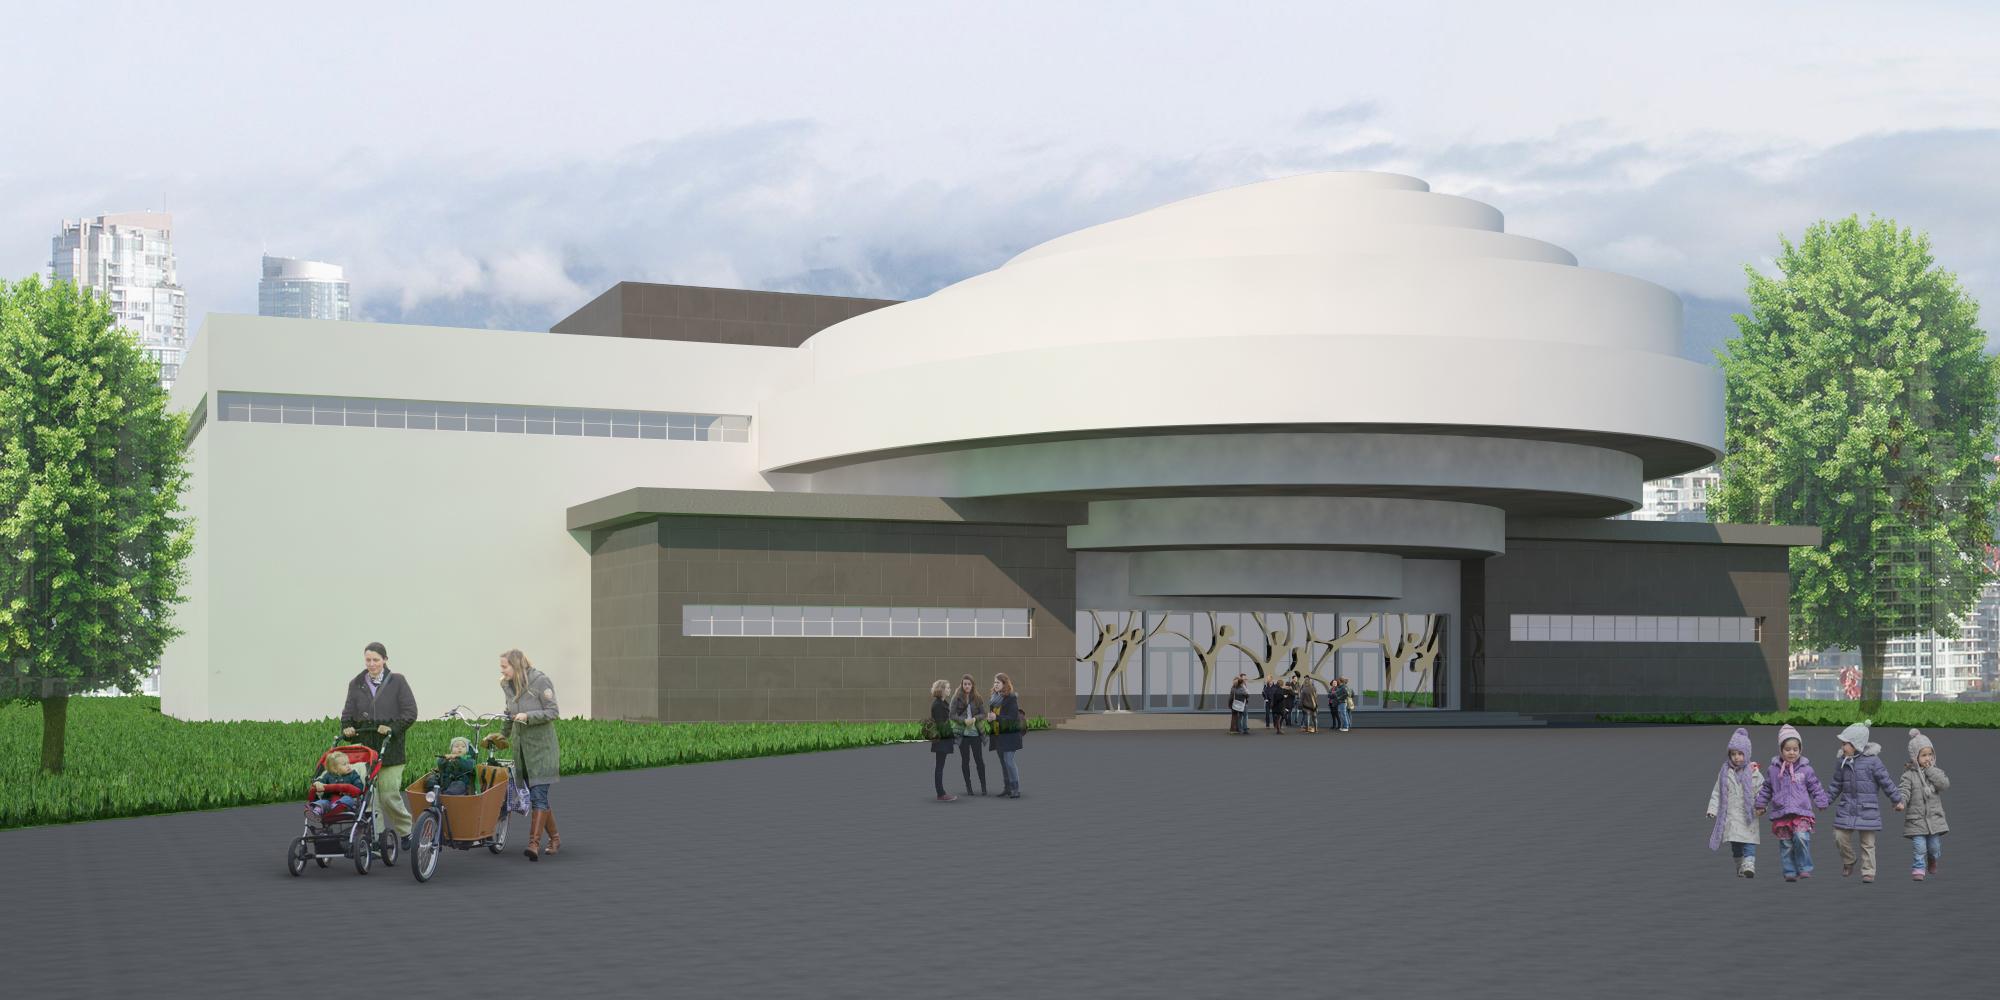 Разработка архитектурной концепции театра оперы и балета фото f_06152f51ae71b6b2.jpg